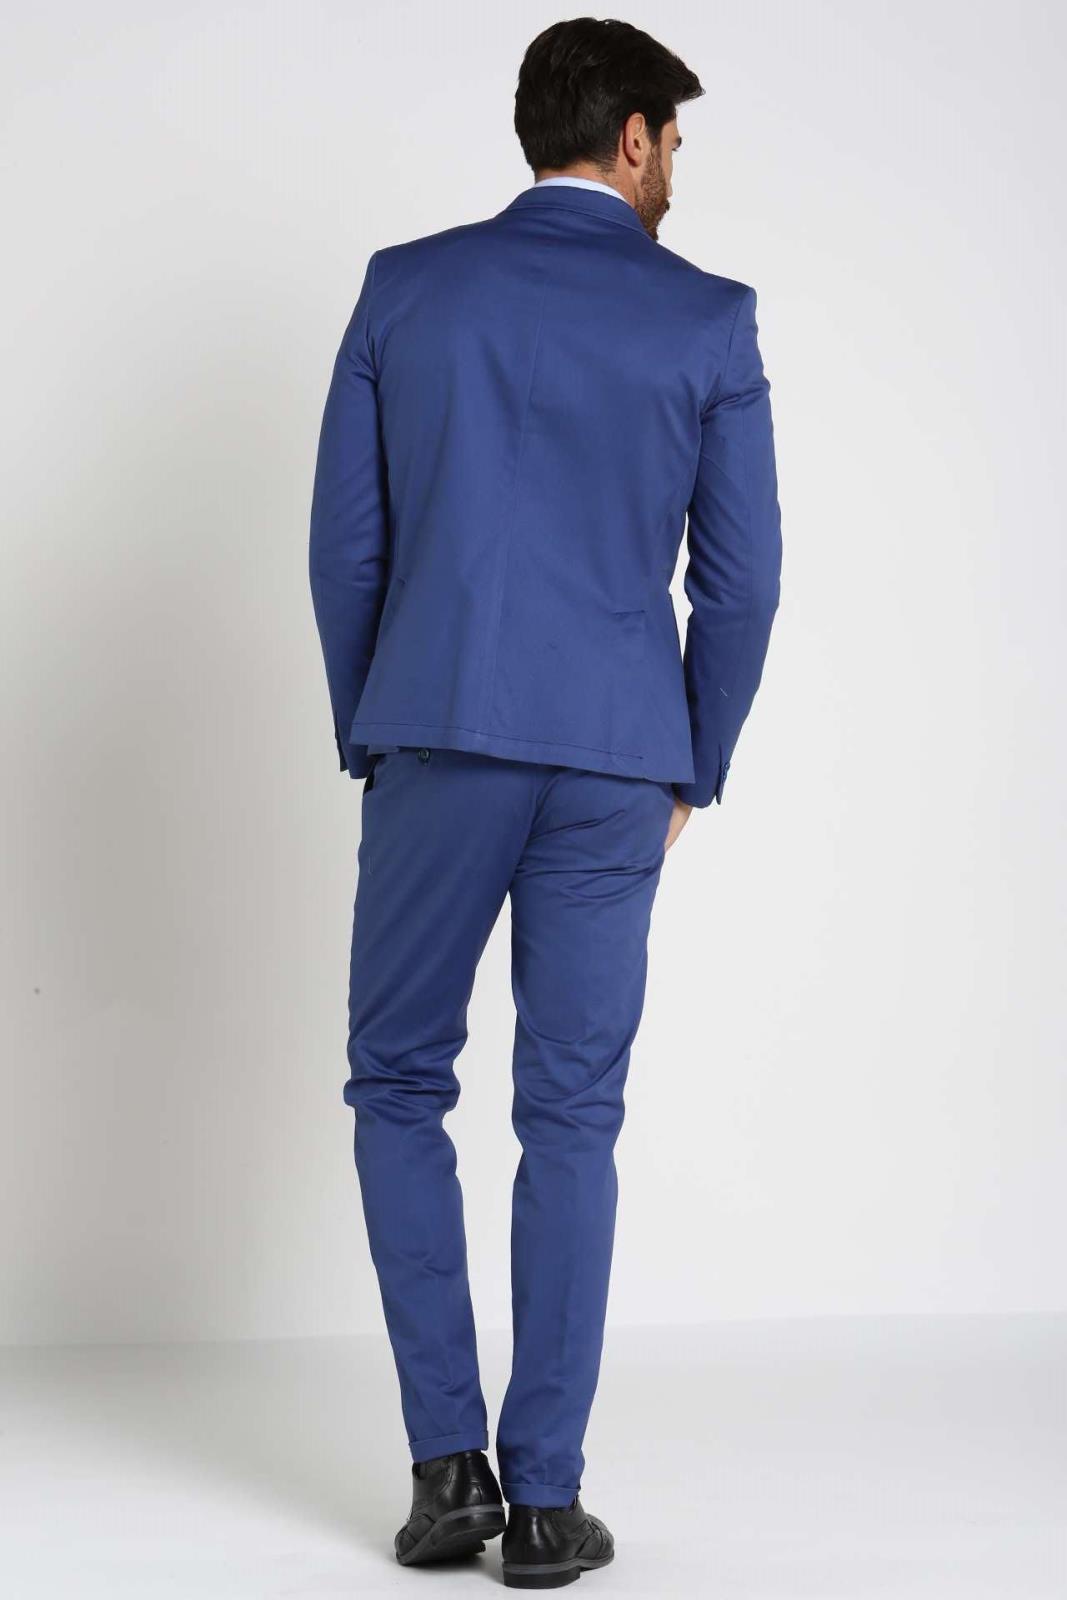 prodotti caldi abile design a basso costo abito uomo